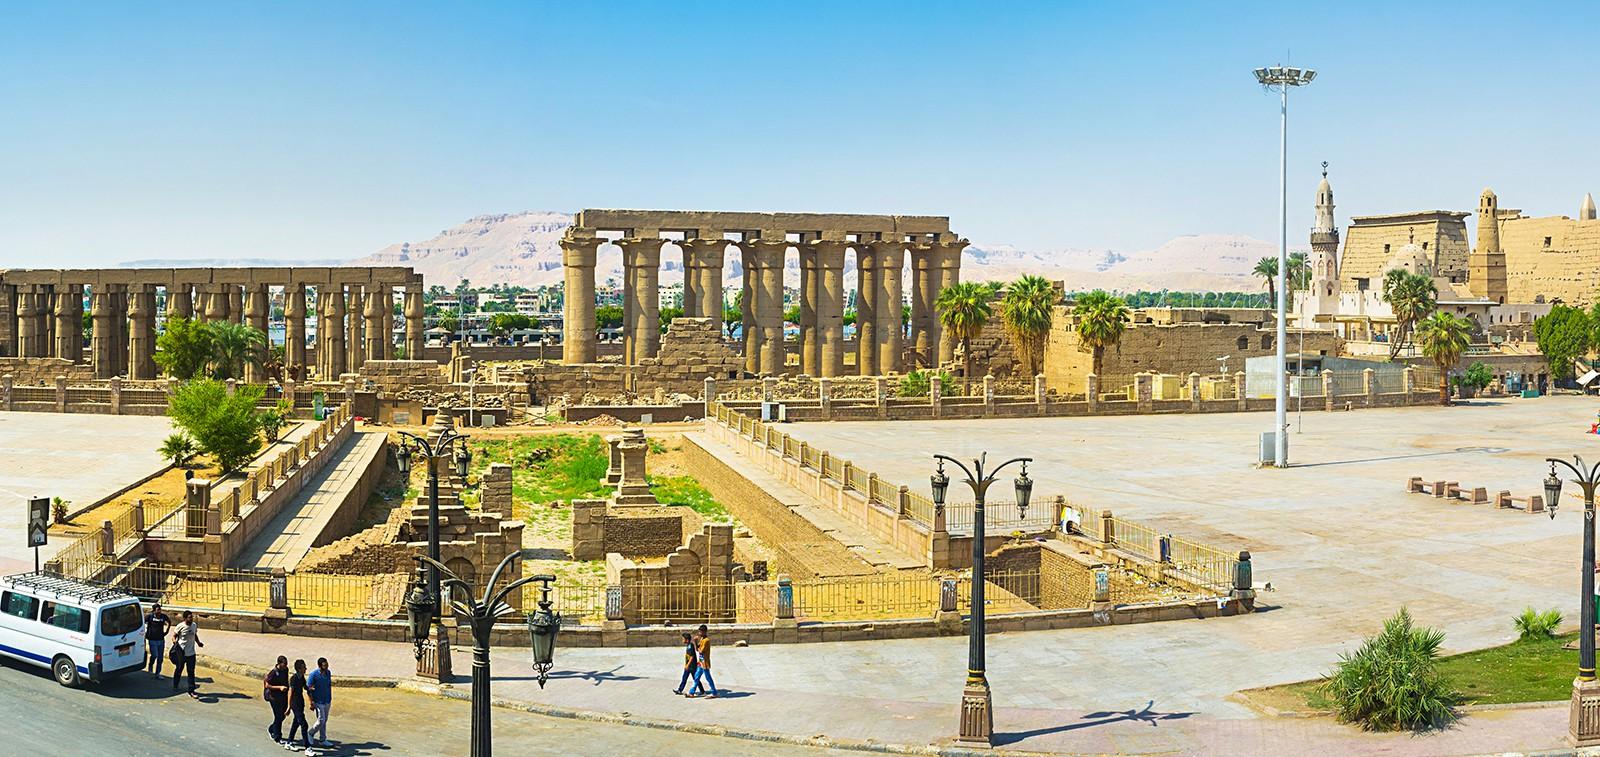 رحلات القاهرة الاقصر مع ترافكو هوليدايز